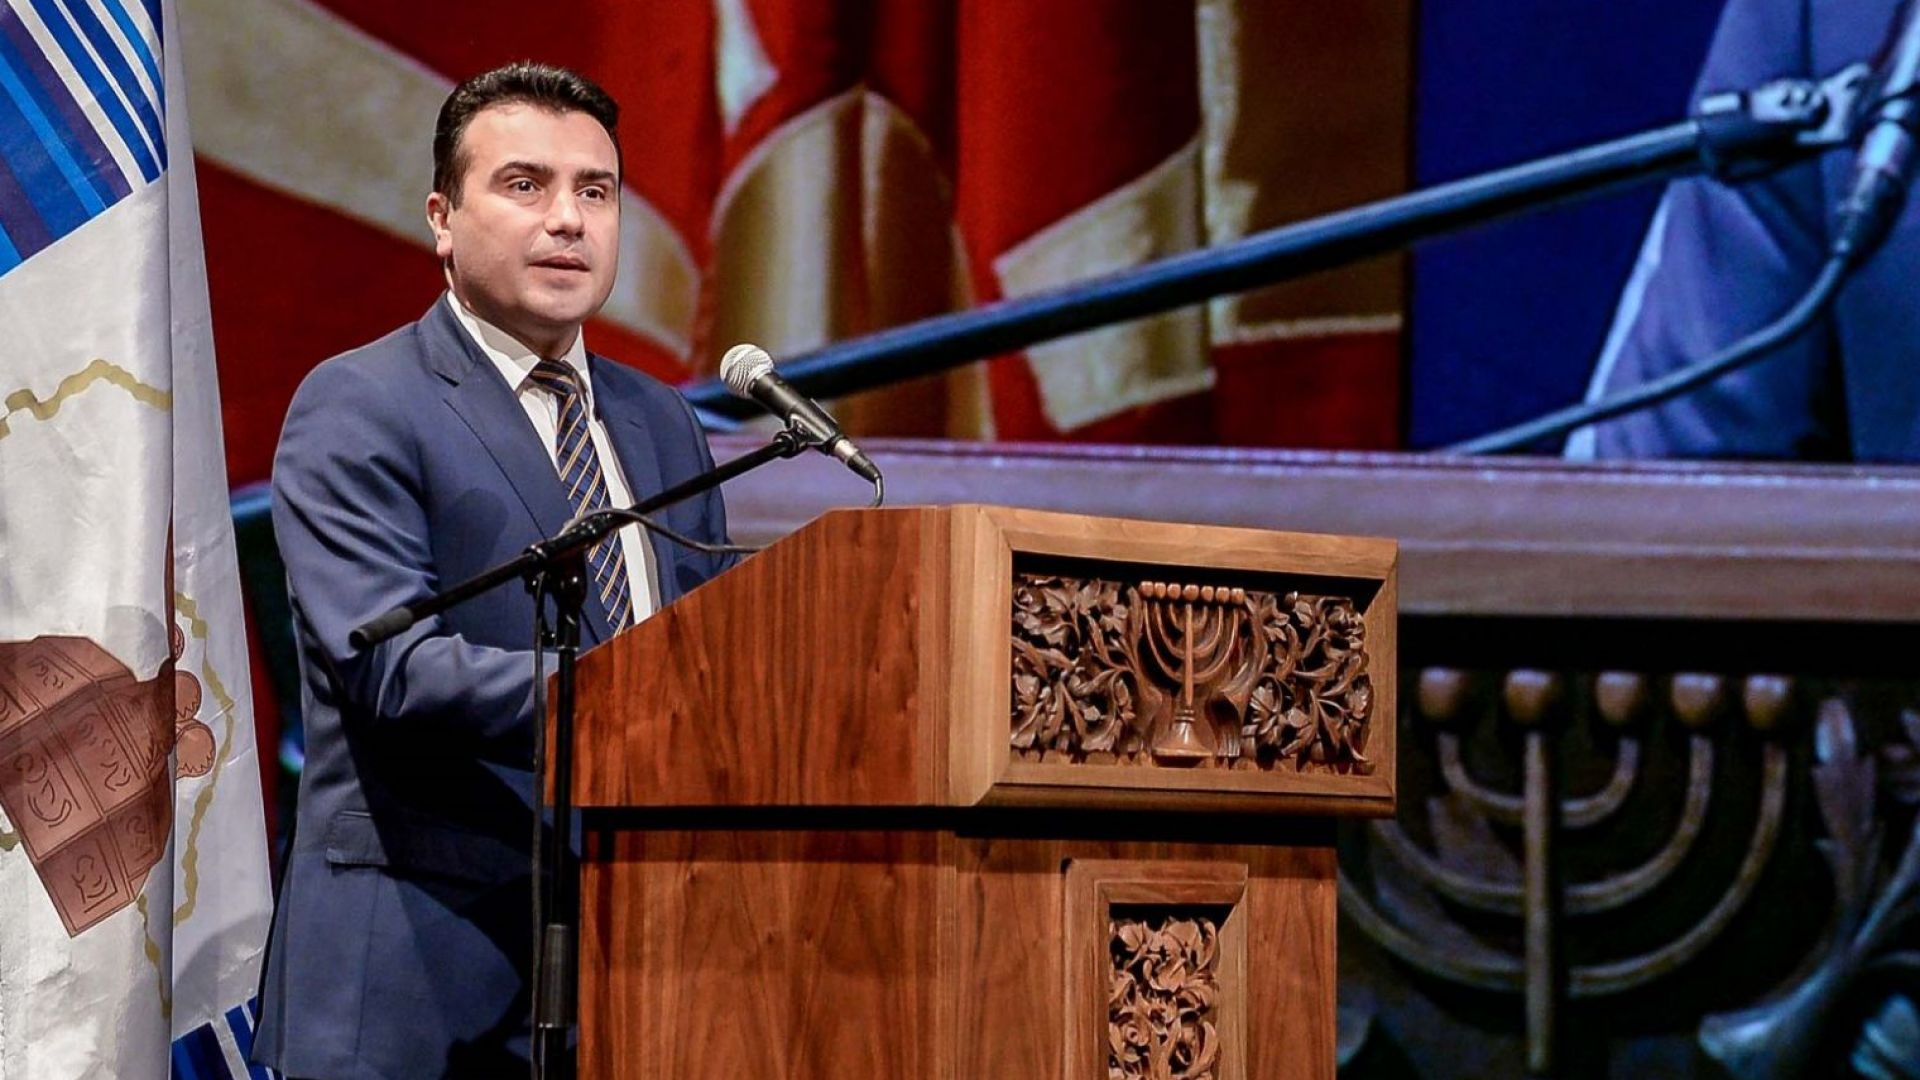 """Зоран Заев се извини, че нарекъл Холокоста """"еврейска традиция"""""""